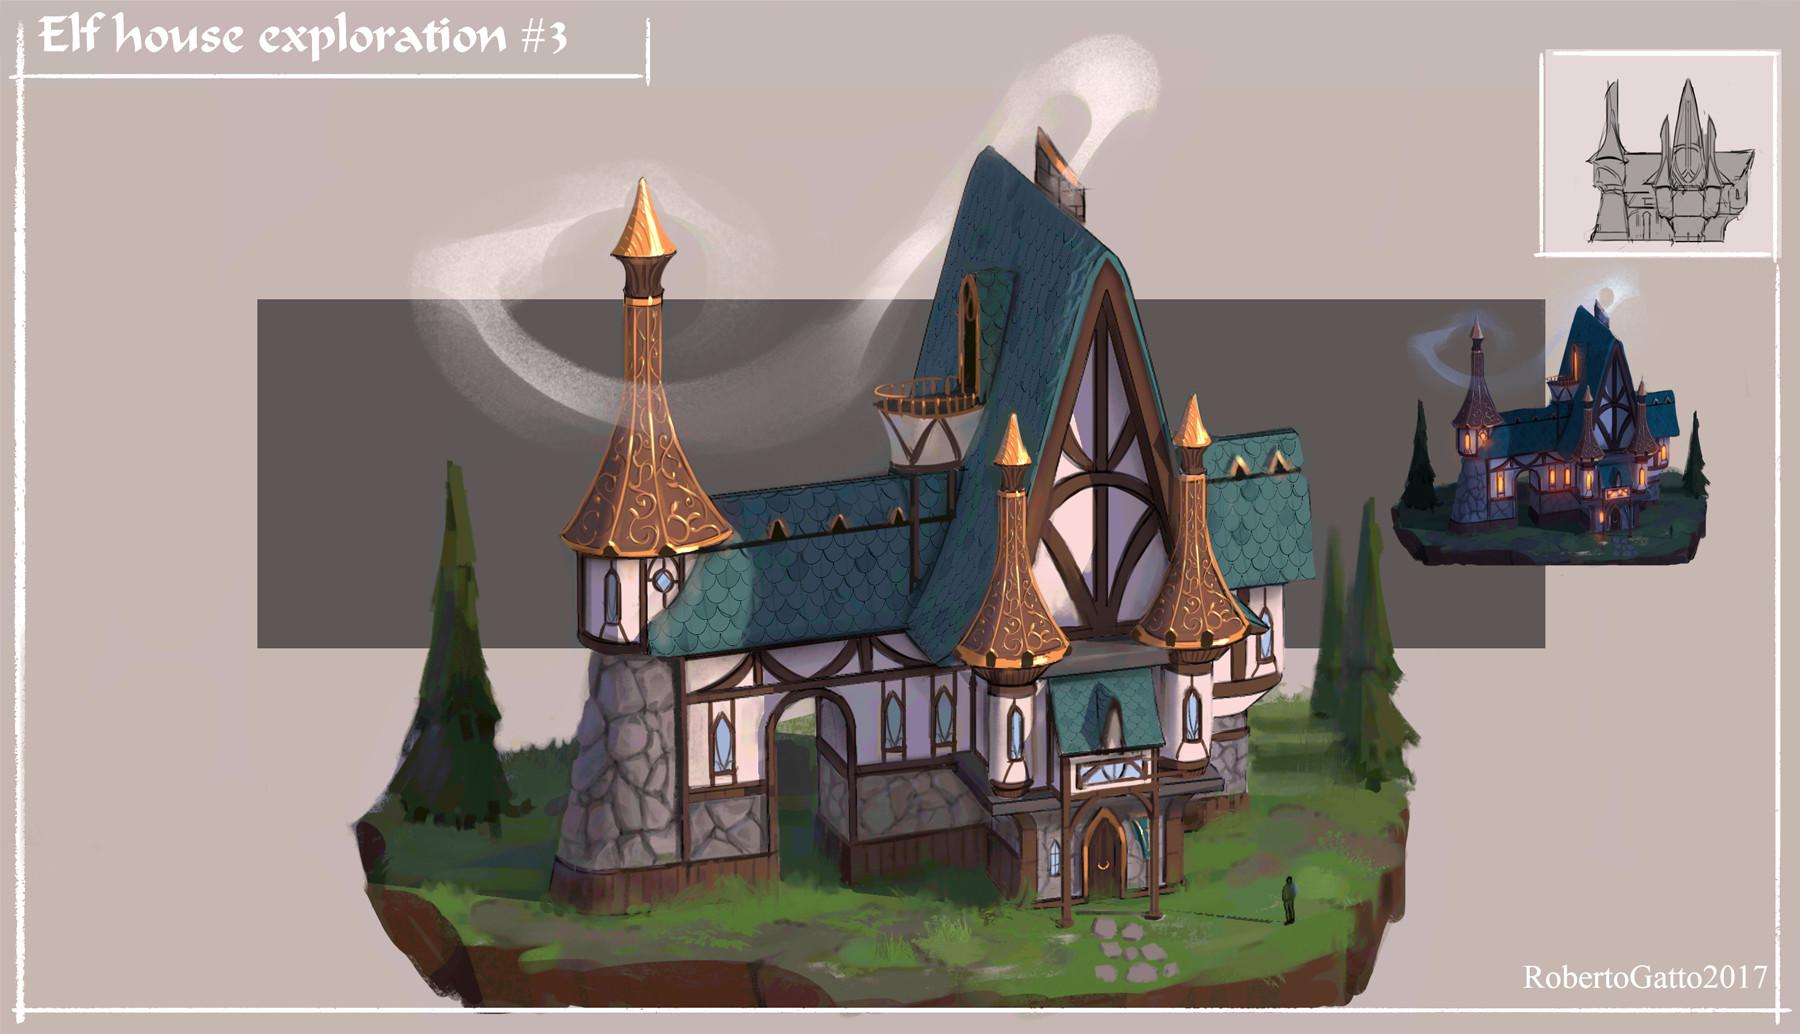 Snow Elves -  House exploration